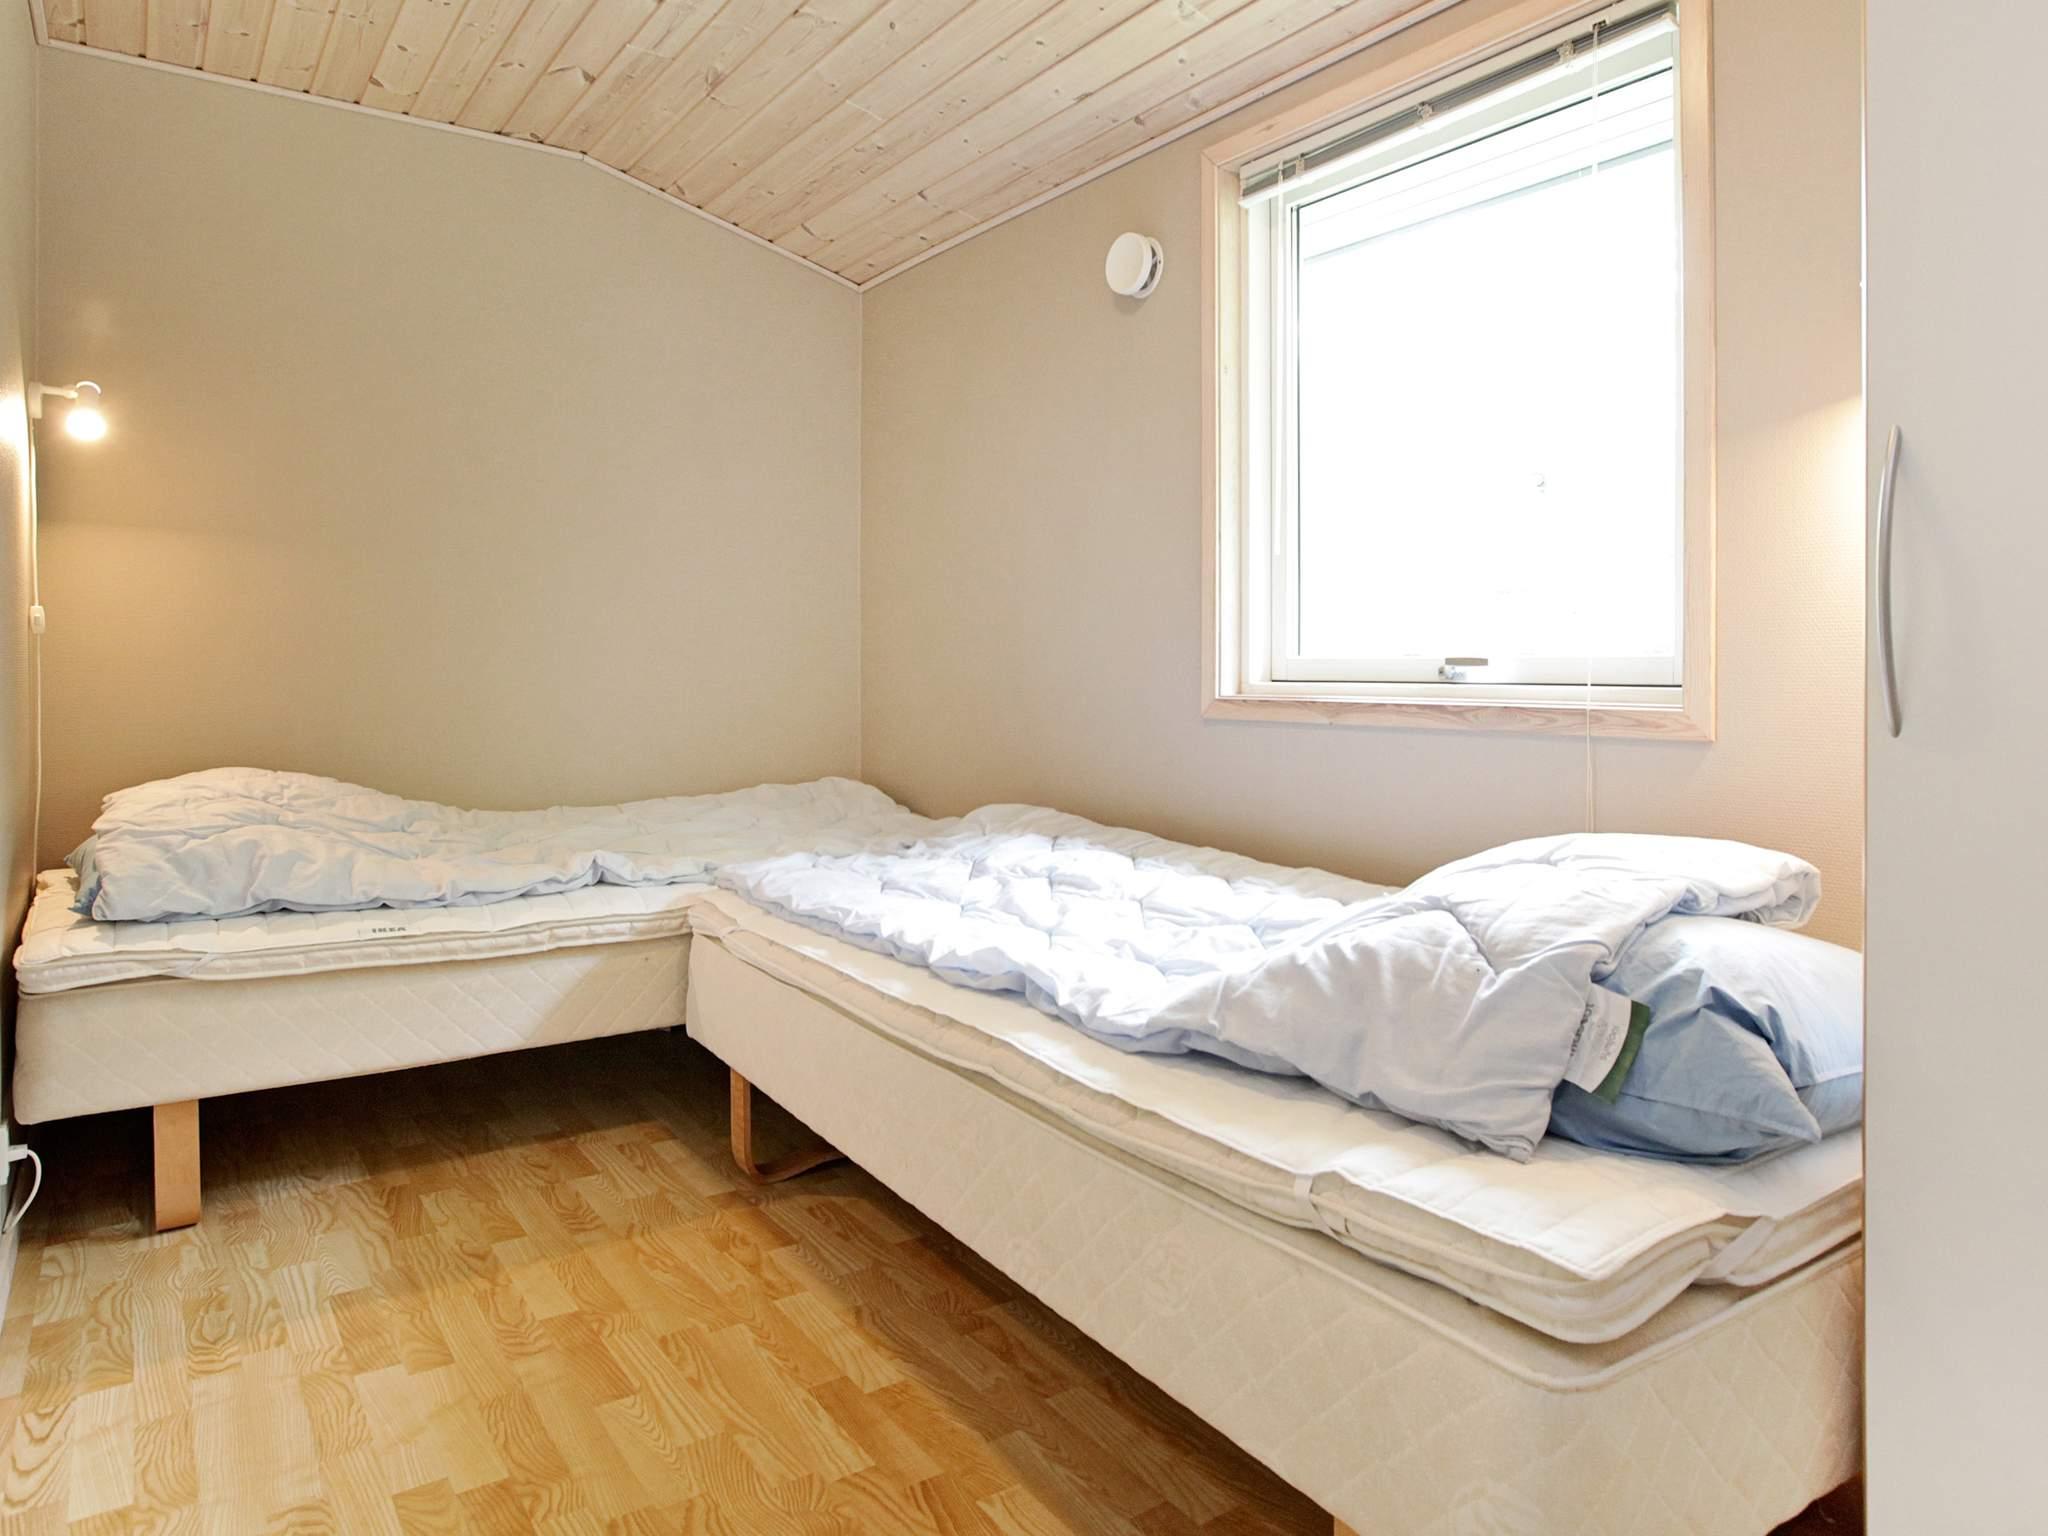 Ferienhaus Marielyst (86576), Marielyst, , Falster, Dänemark, Bild 15